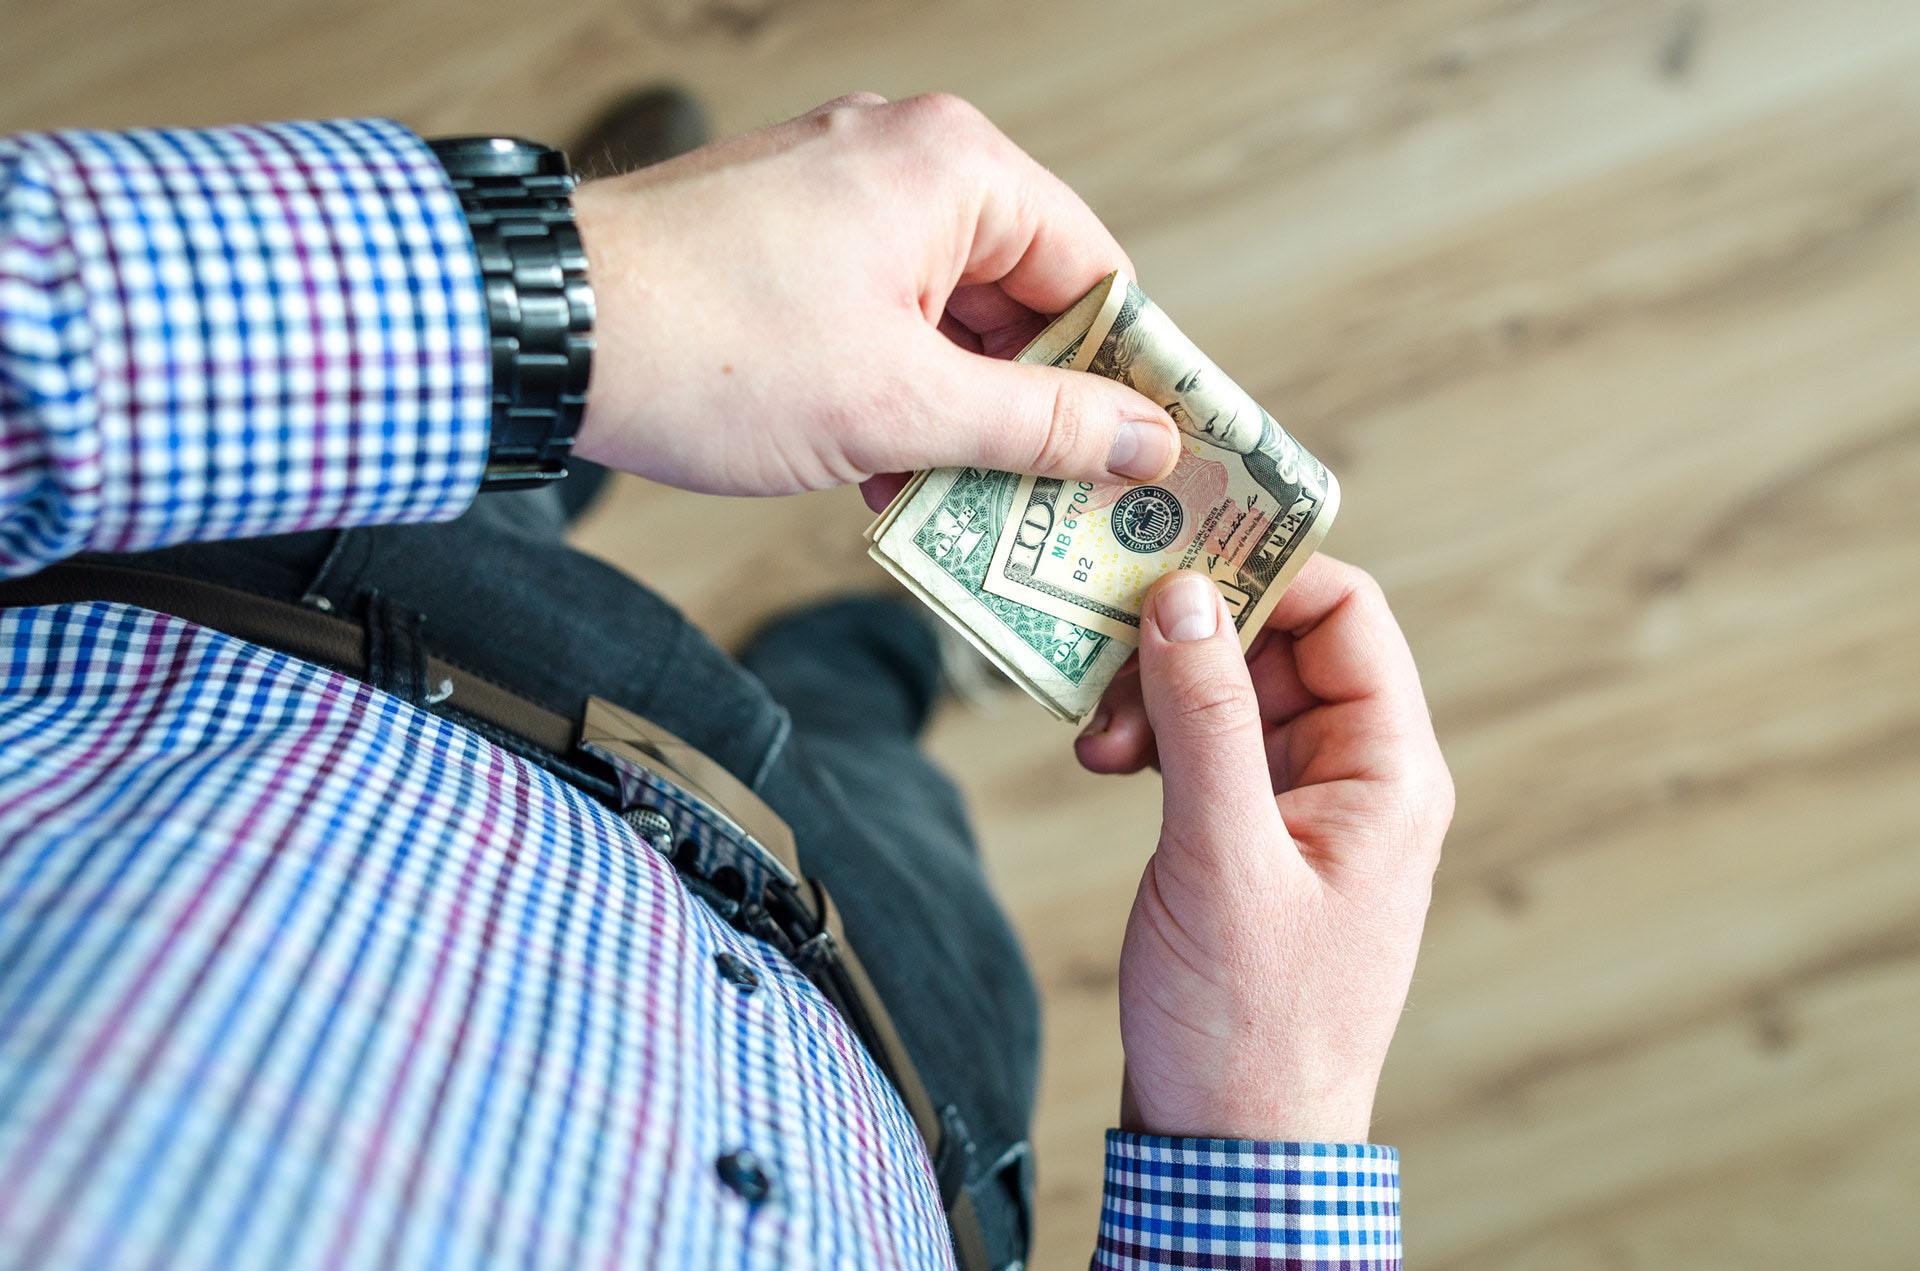 Досрочное погашение кредита - советы эксперта